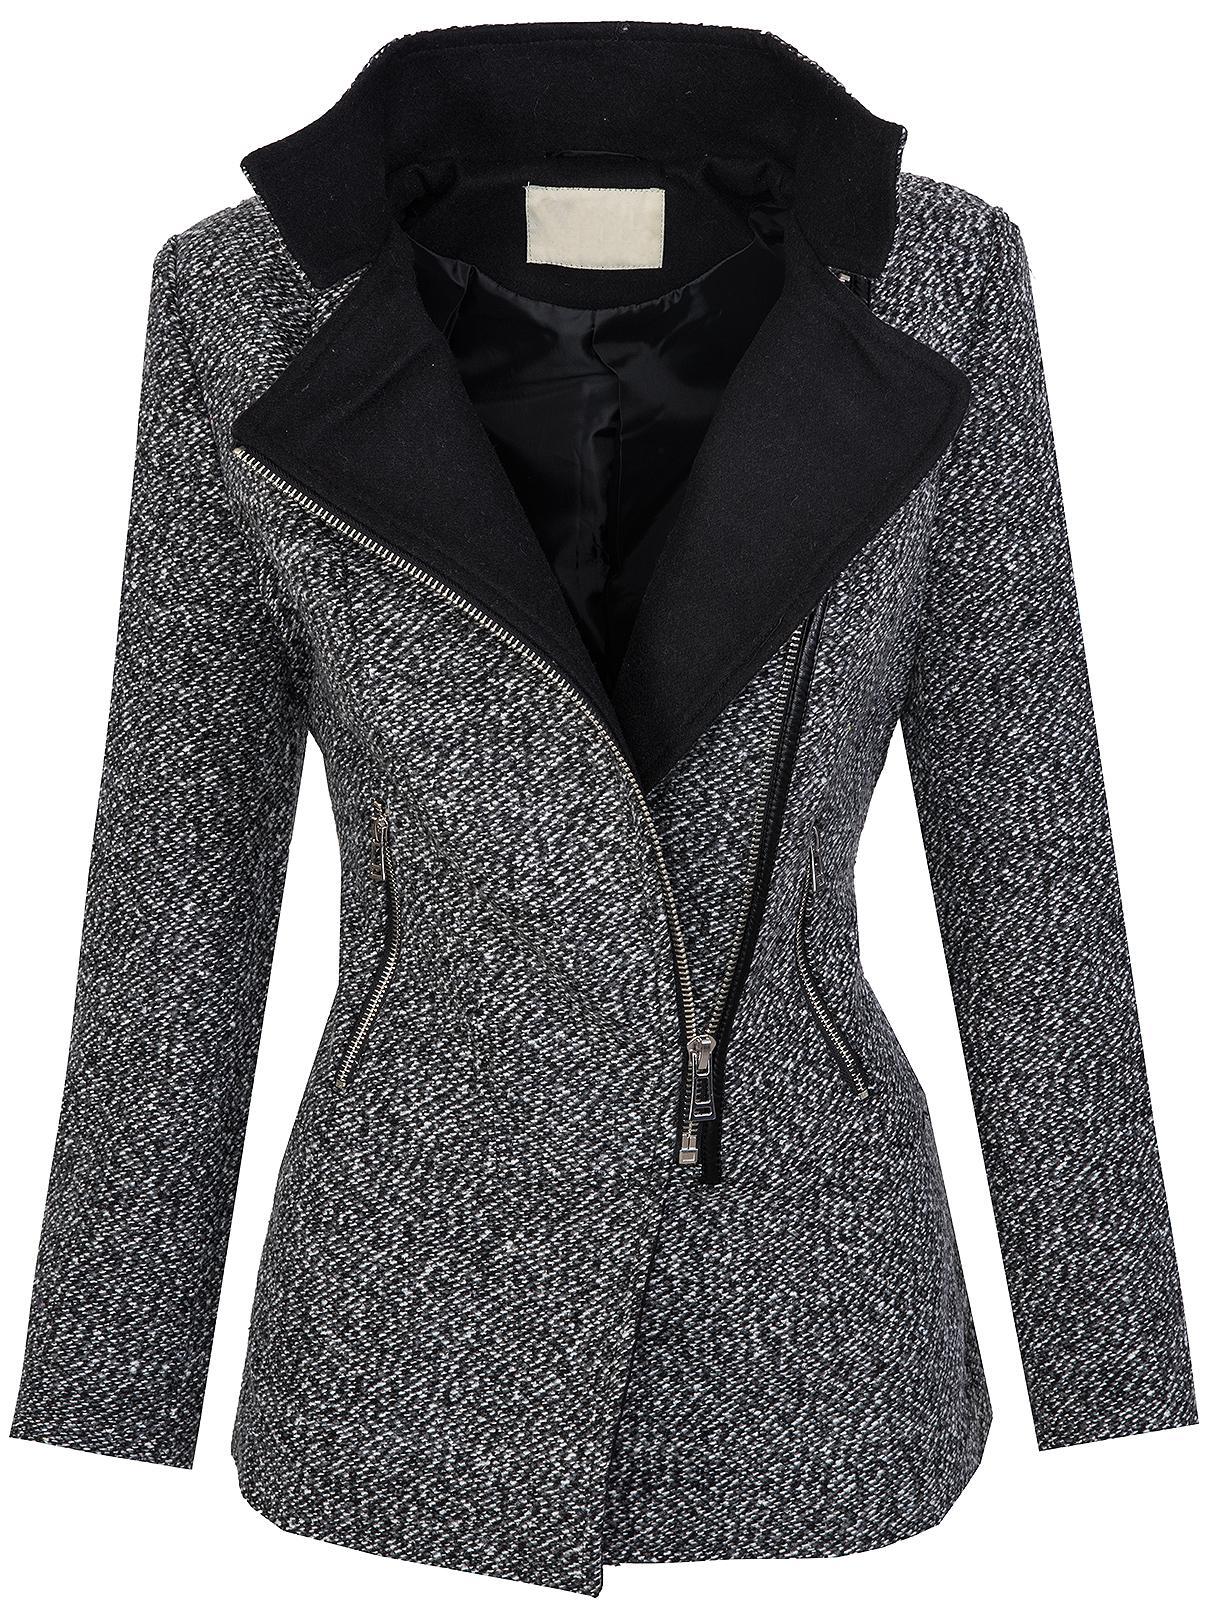 designer damen winter mantel jacke melierter woll parka. Black Bedroom Furniture Sets. Home Design Ideas